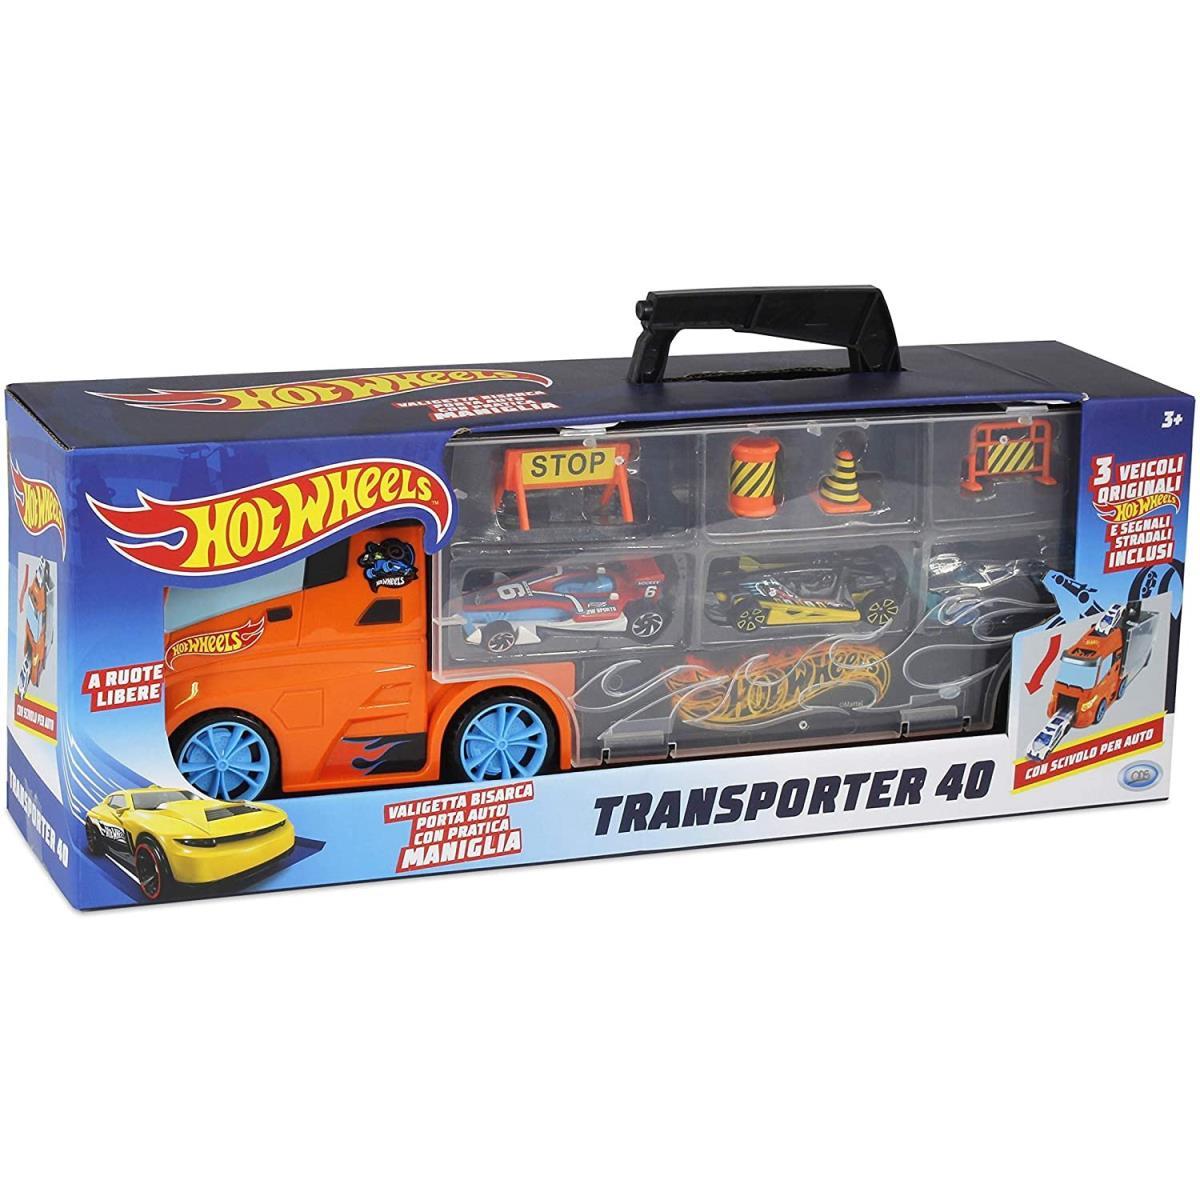 Hot Wheels Transporter 40 LKW Koffer mit Autos ,Hot Wheels,000040080791, 8017293420332